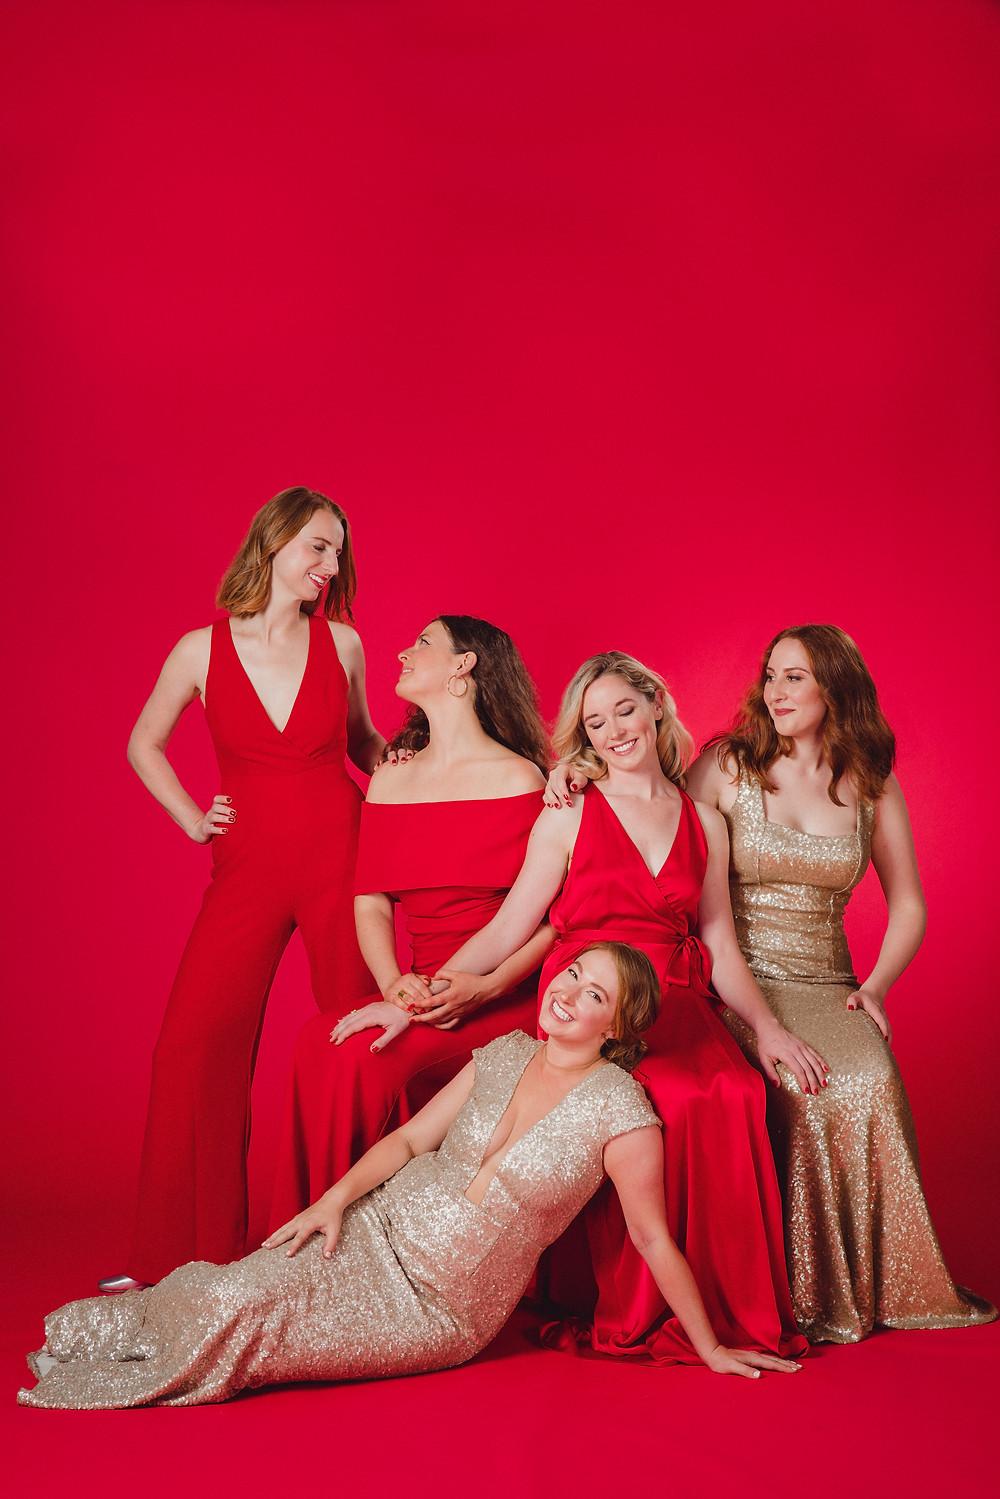 Actors, Improv, Comedy, Sketch Comedy, Funny Women, Maiden Voyage, Photographer